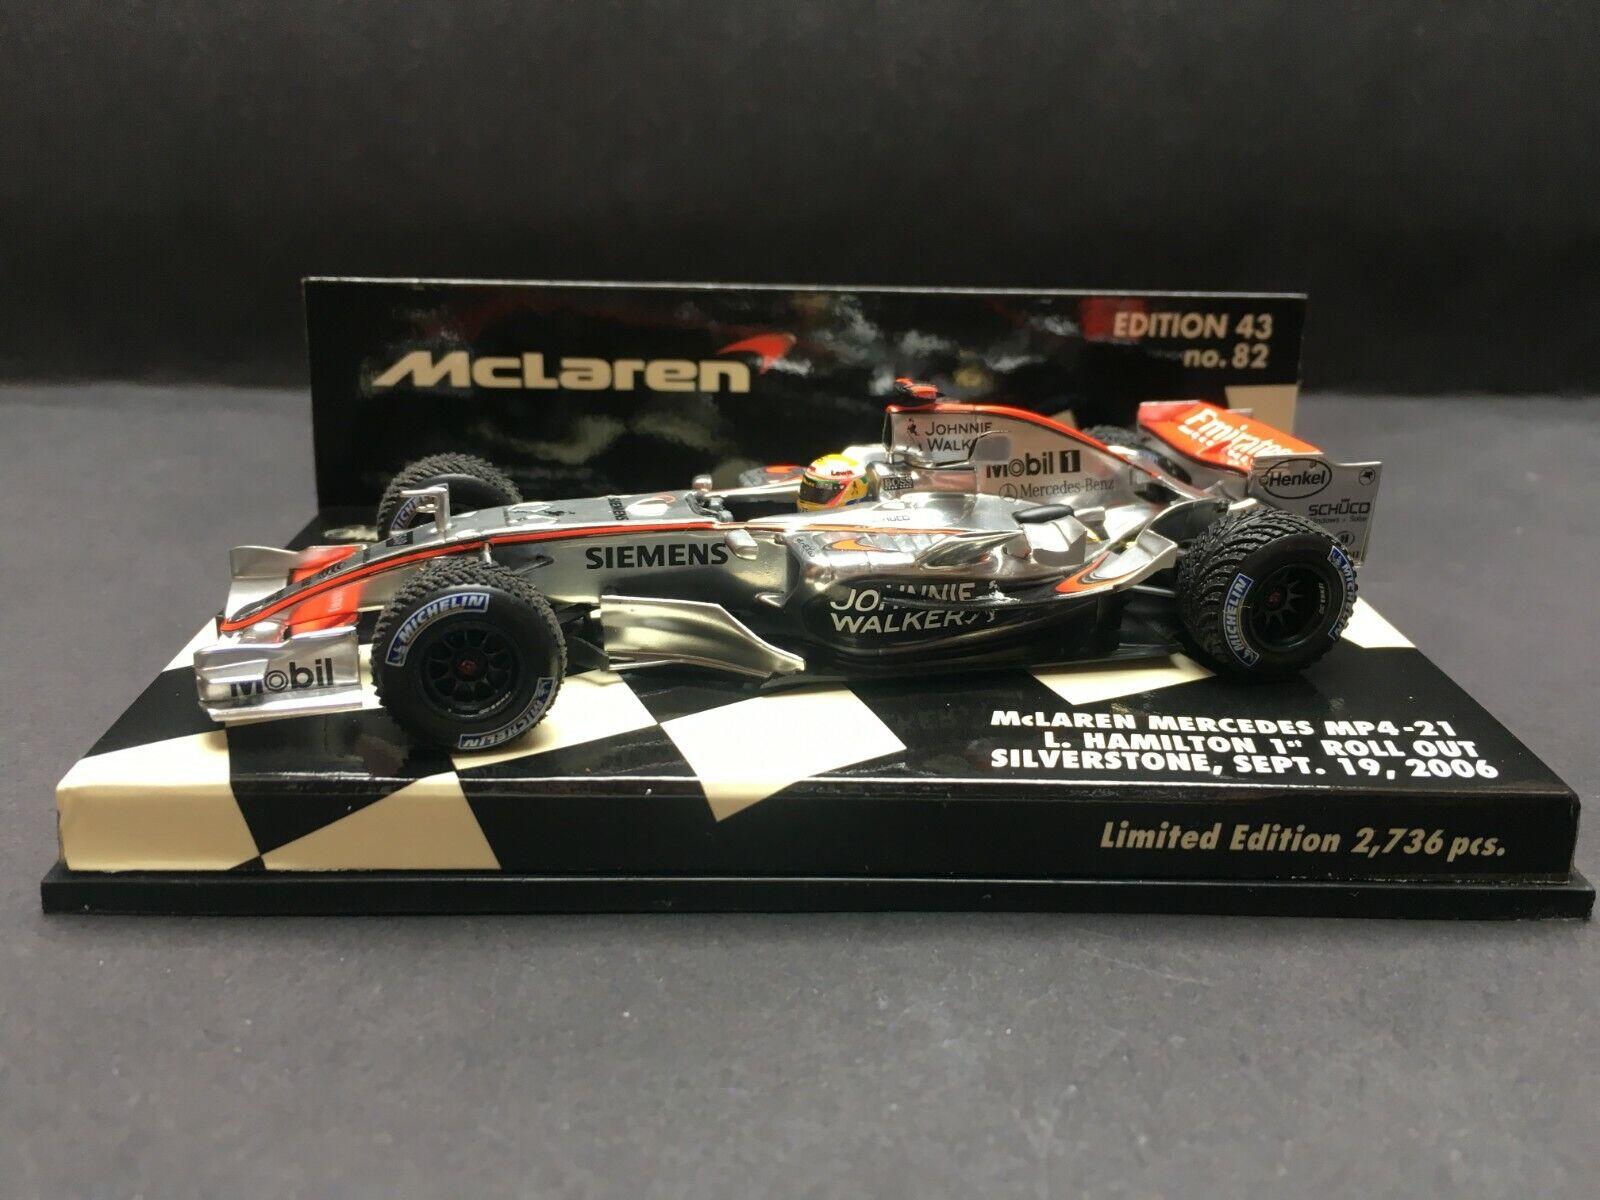 Minichamps - Lewis Hamilton - McLaren - MP4 21 - 2006 - 1st Roll Out platastone